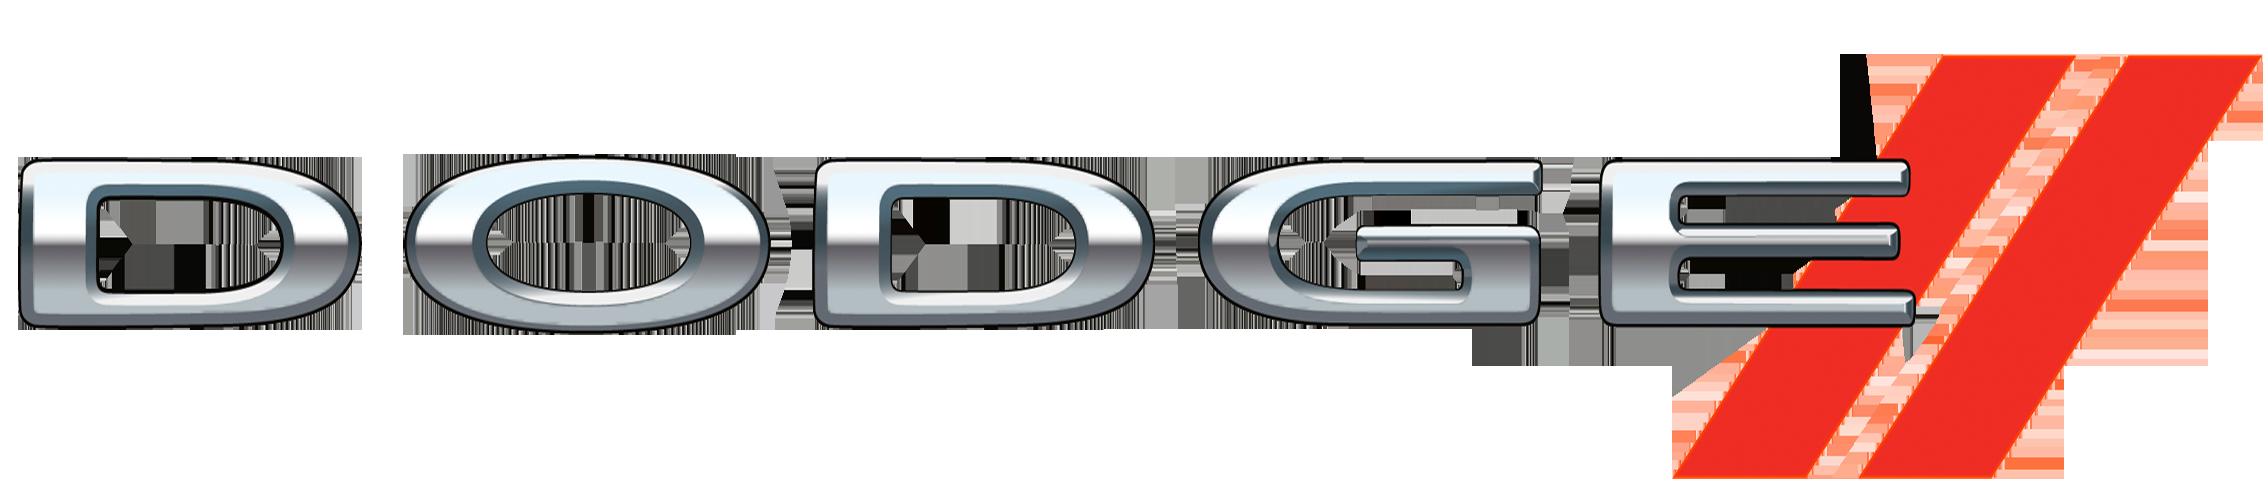 logo-Dodge.png